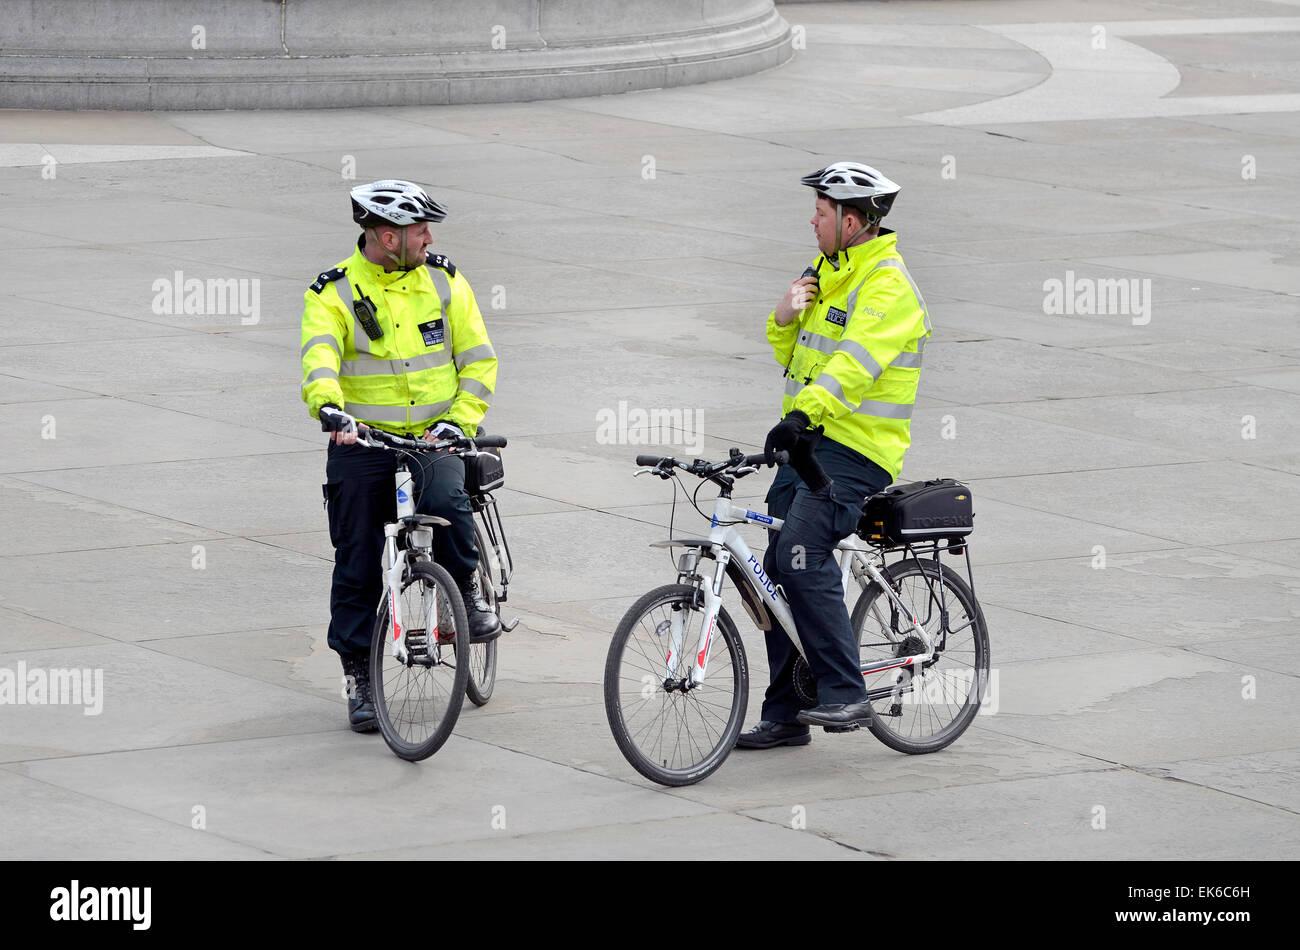 Londres, Angleterre, Royaume-Uni. Agents de la police métropolitaine sur les bicyclettes à Trafalgar Square Photo Stock